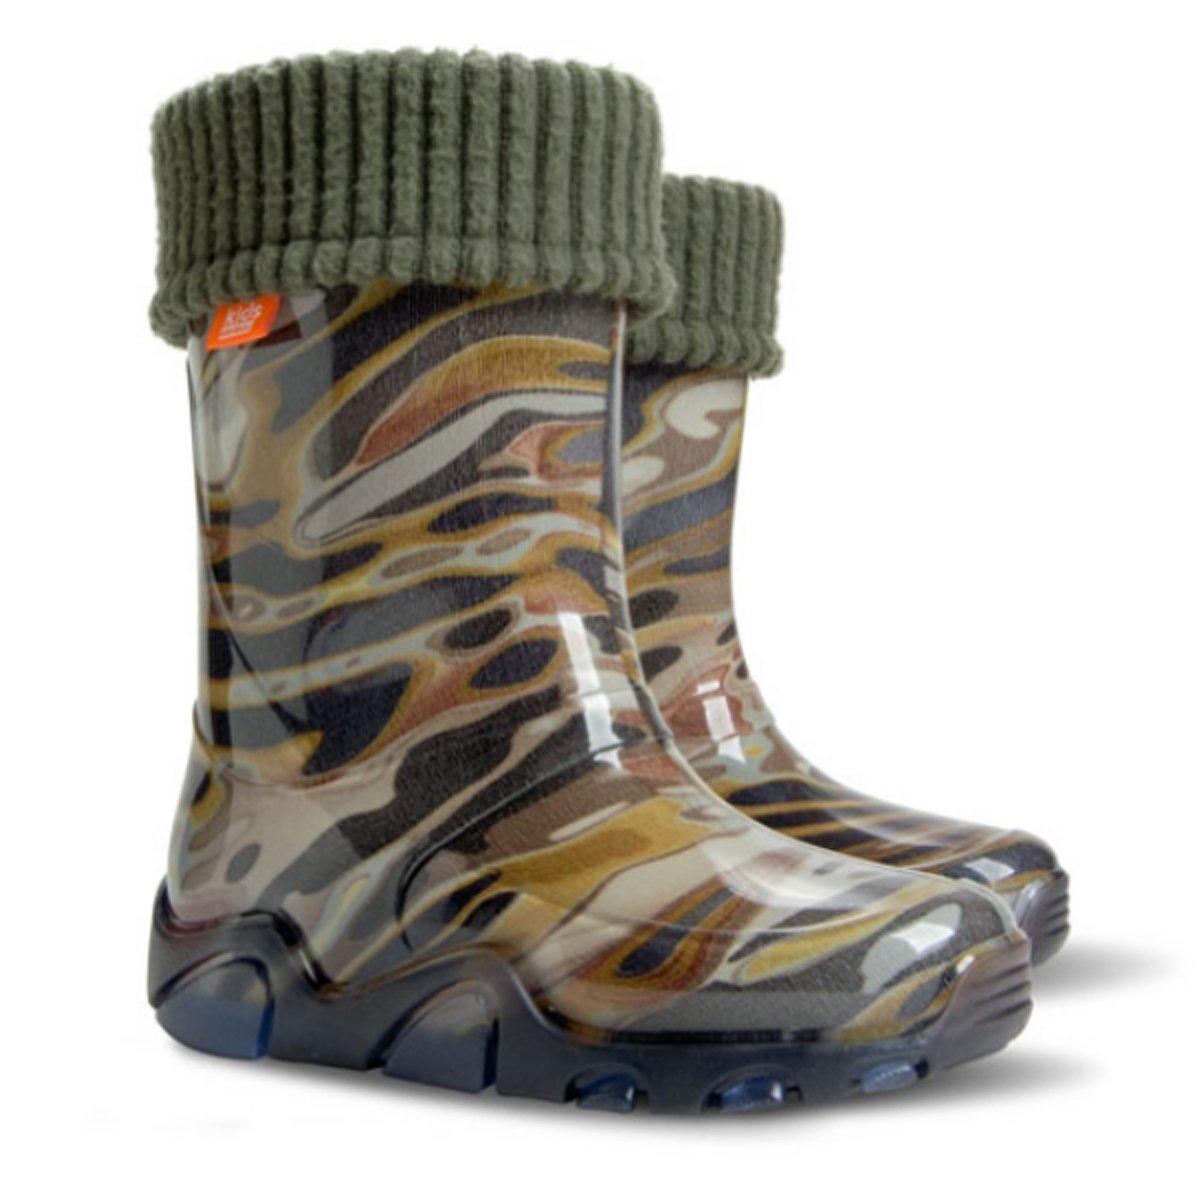 Pour enfants Bottes Bottes en caoutchouc pluie Chaussures pour enfants toutes les tailles UK/ Baby /Camo Vert UK 3-4 EU 20-21